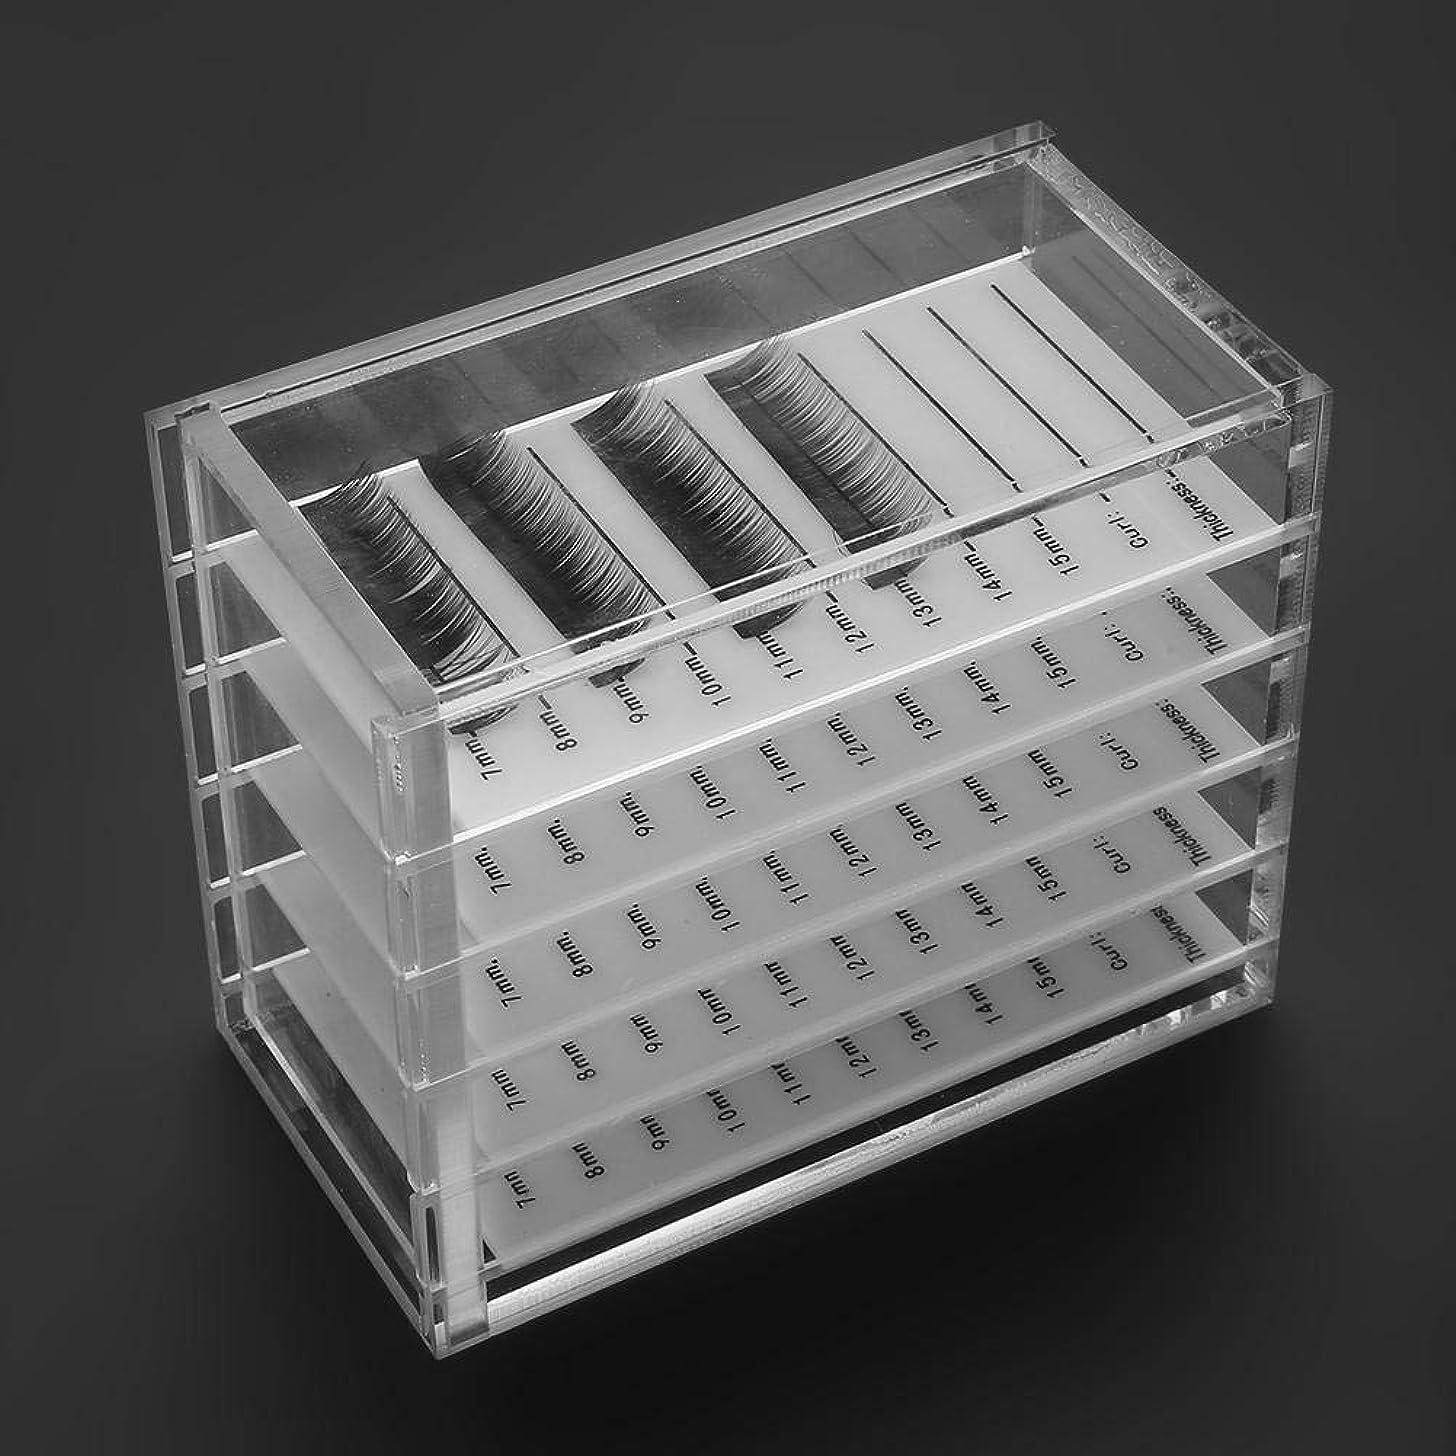 謝罪する確保する煙まつげ収納 5層 アクリルケース コスメボックス ジュエリー まつげパレット 小物収納ボックス透明 卓上化粧ボックス アクリル収納